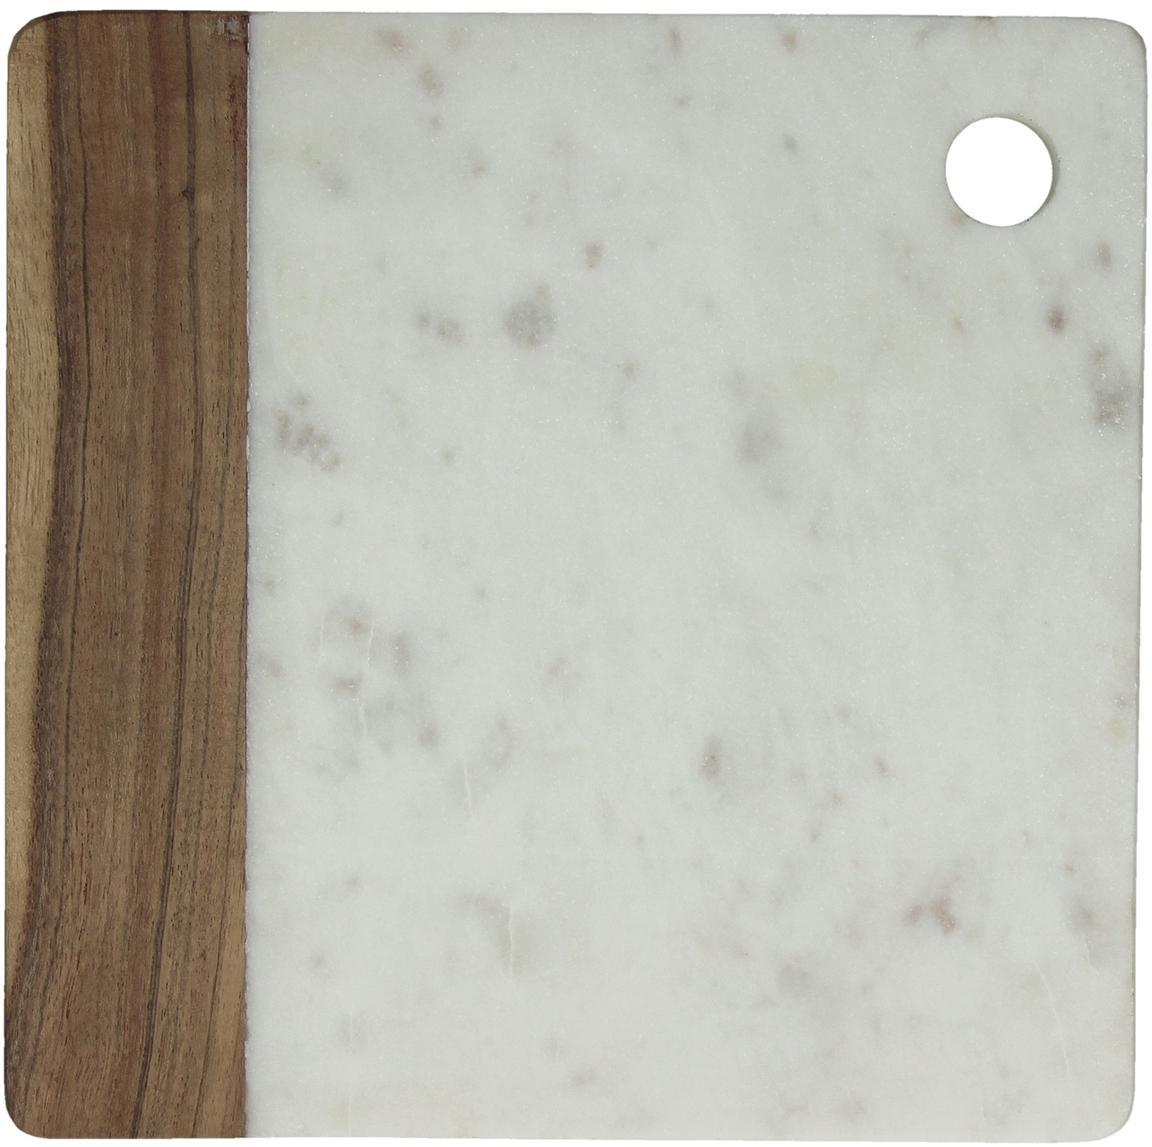 Marmor-Schneidebrett Idli, Marmor, Akazienholz, Weiß marmoriert, Akazienholz, B 25 x T 25 cm